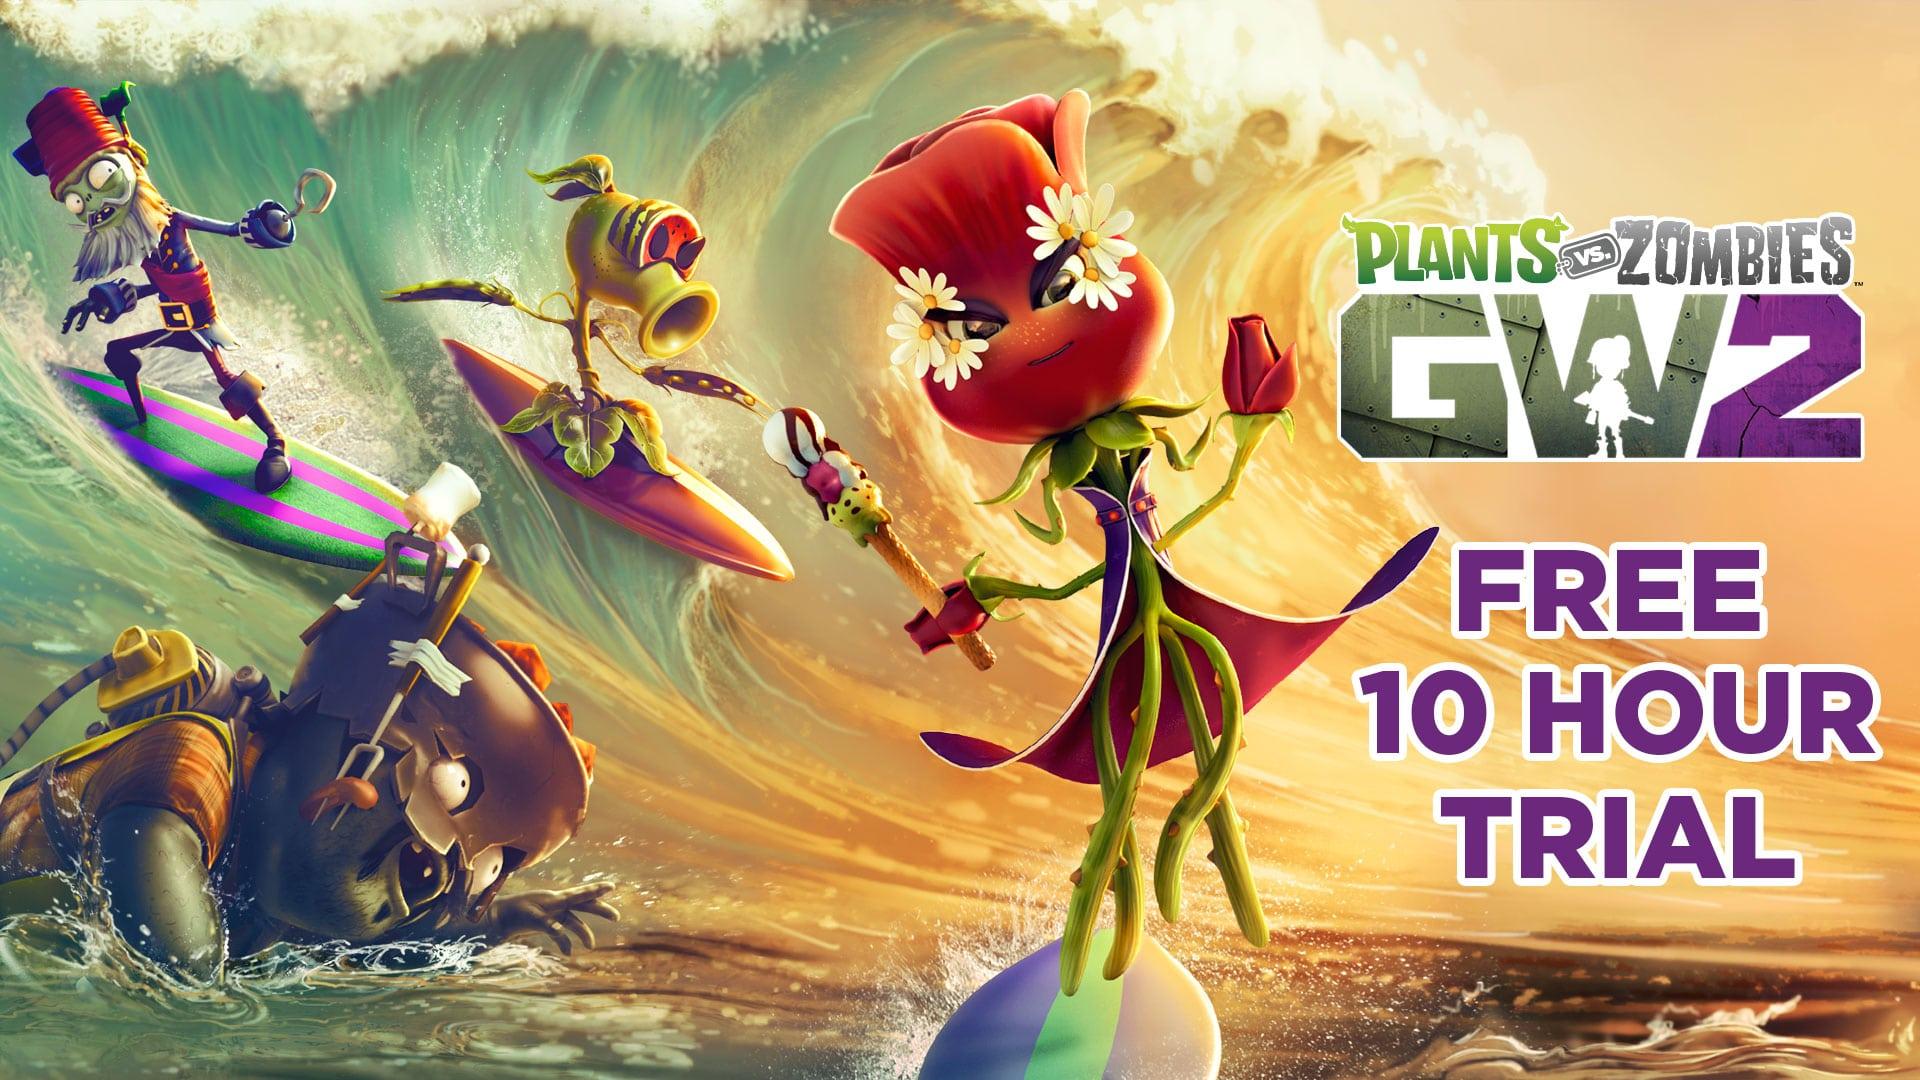 Plants Vs Zombies Garden Warfare 2 Free Trial